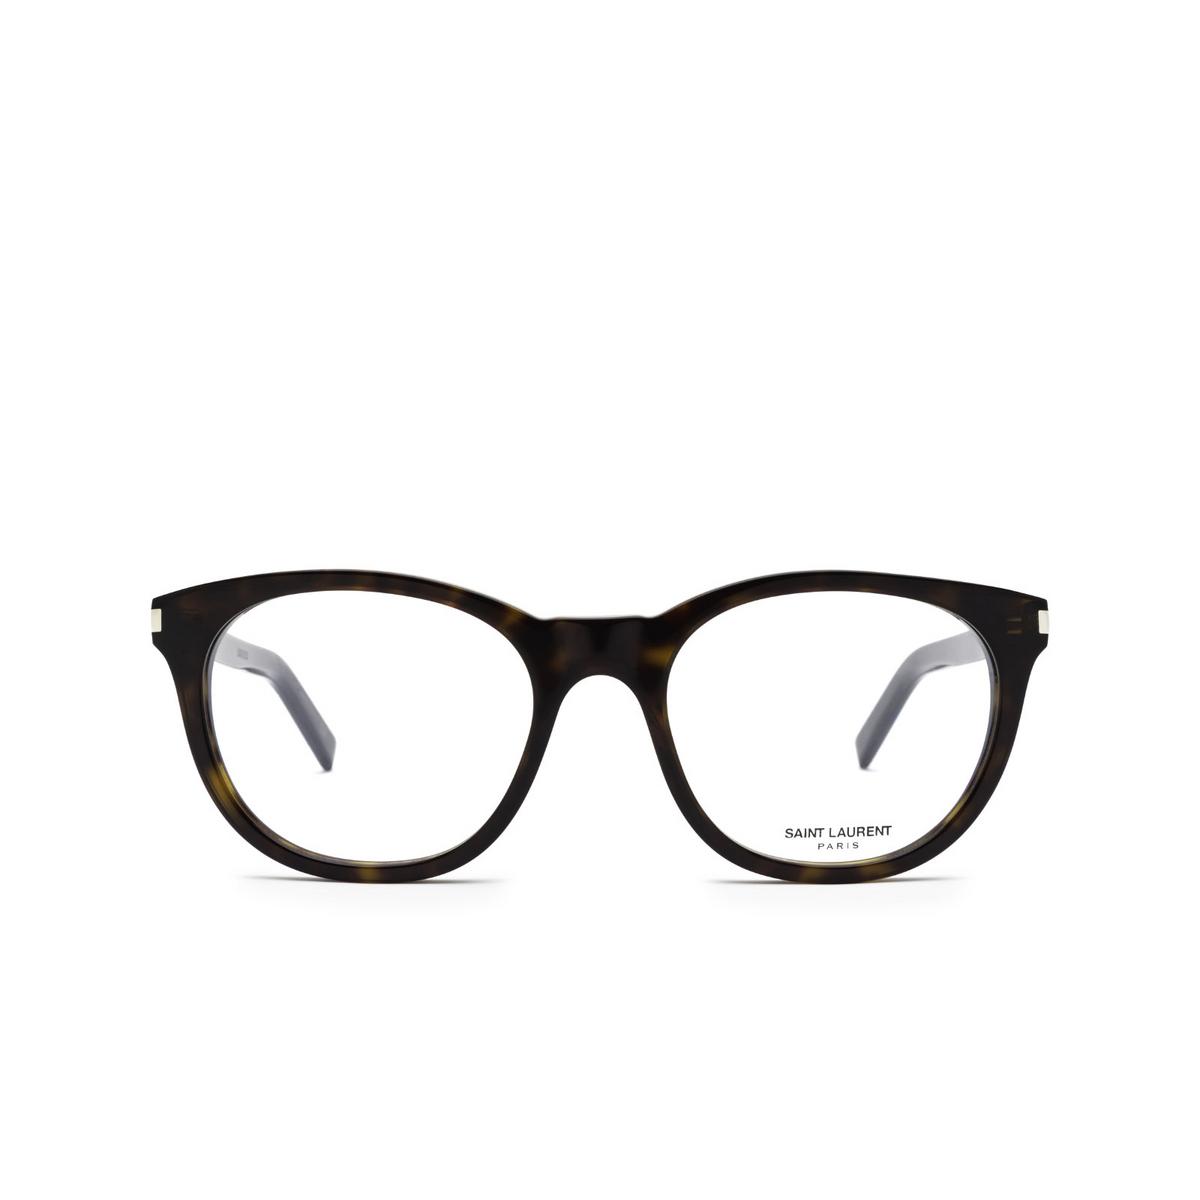 Saint Laurent® Square Eyeglasses: SL 471 color Havana 002 - front view.